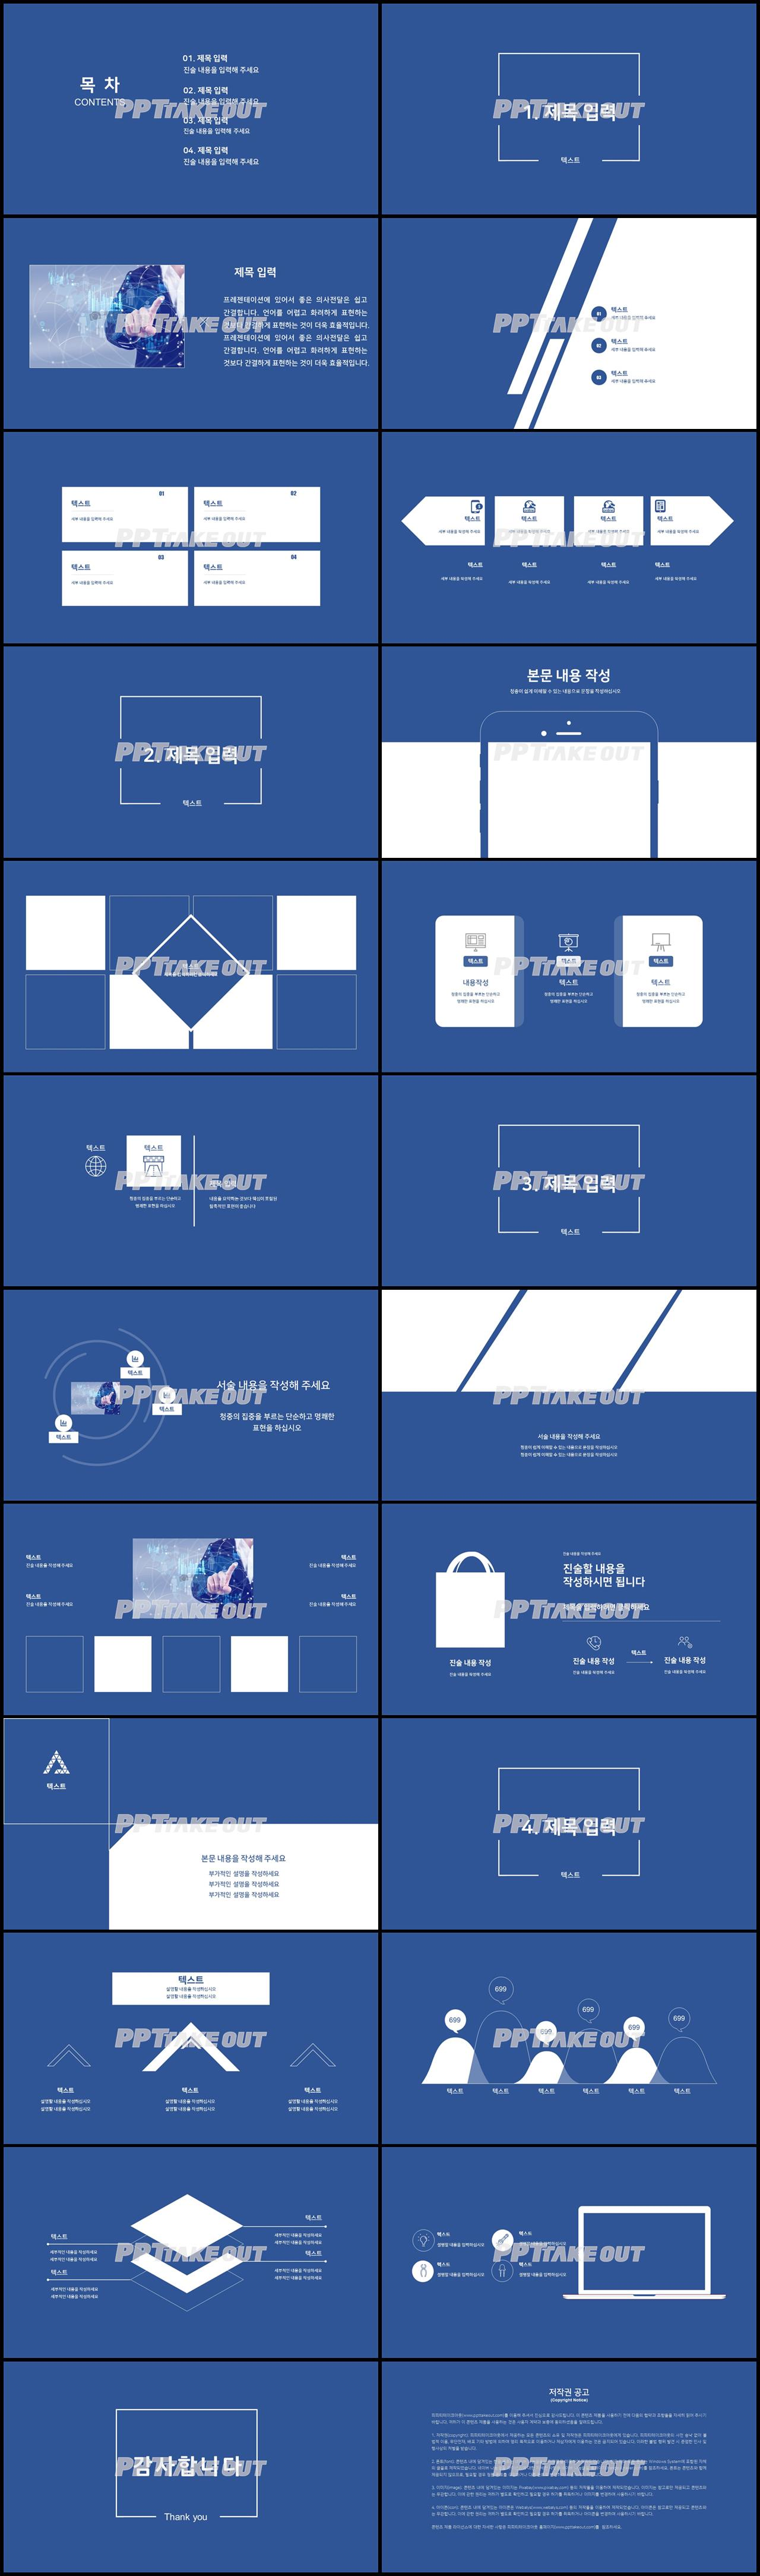 회사소개서 블루 손쉬운 프로급 파워포인트양식 사이트 상세보기